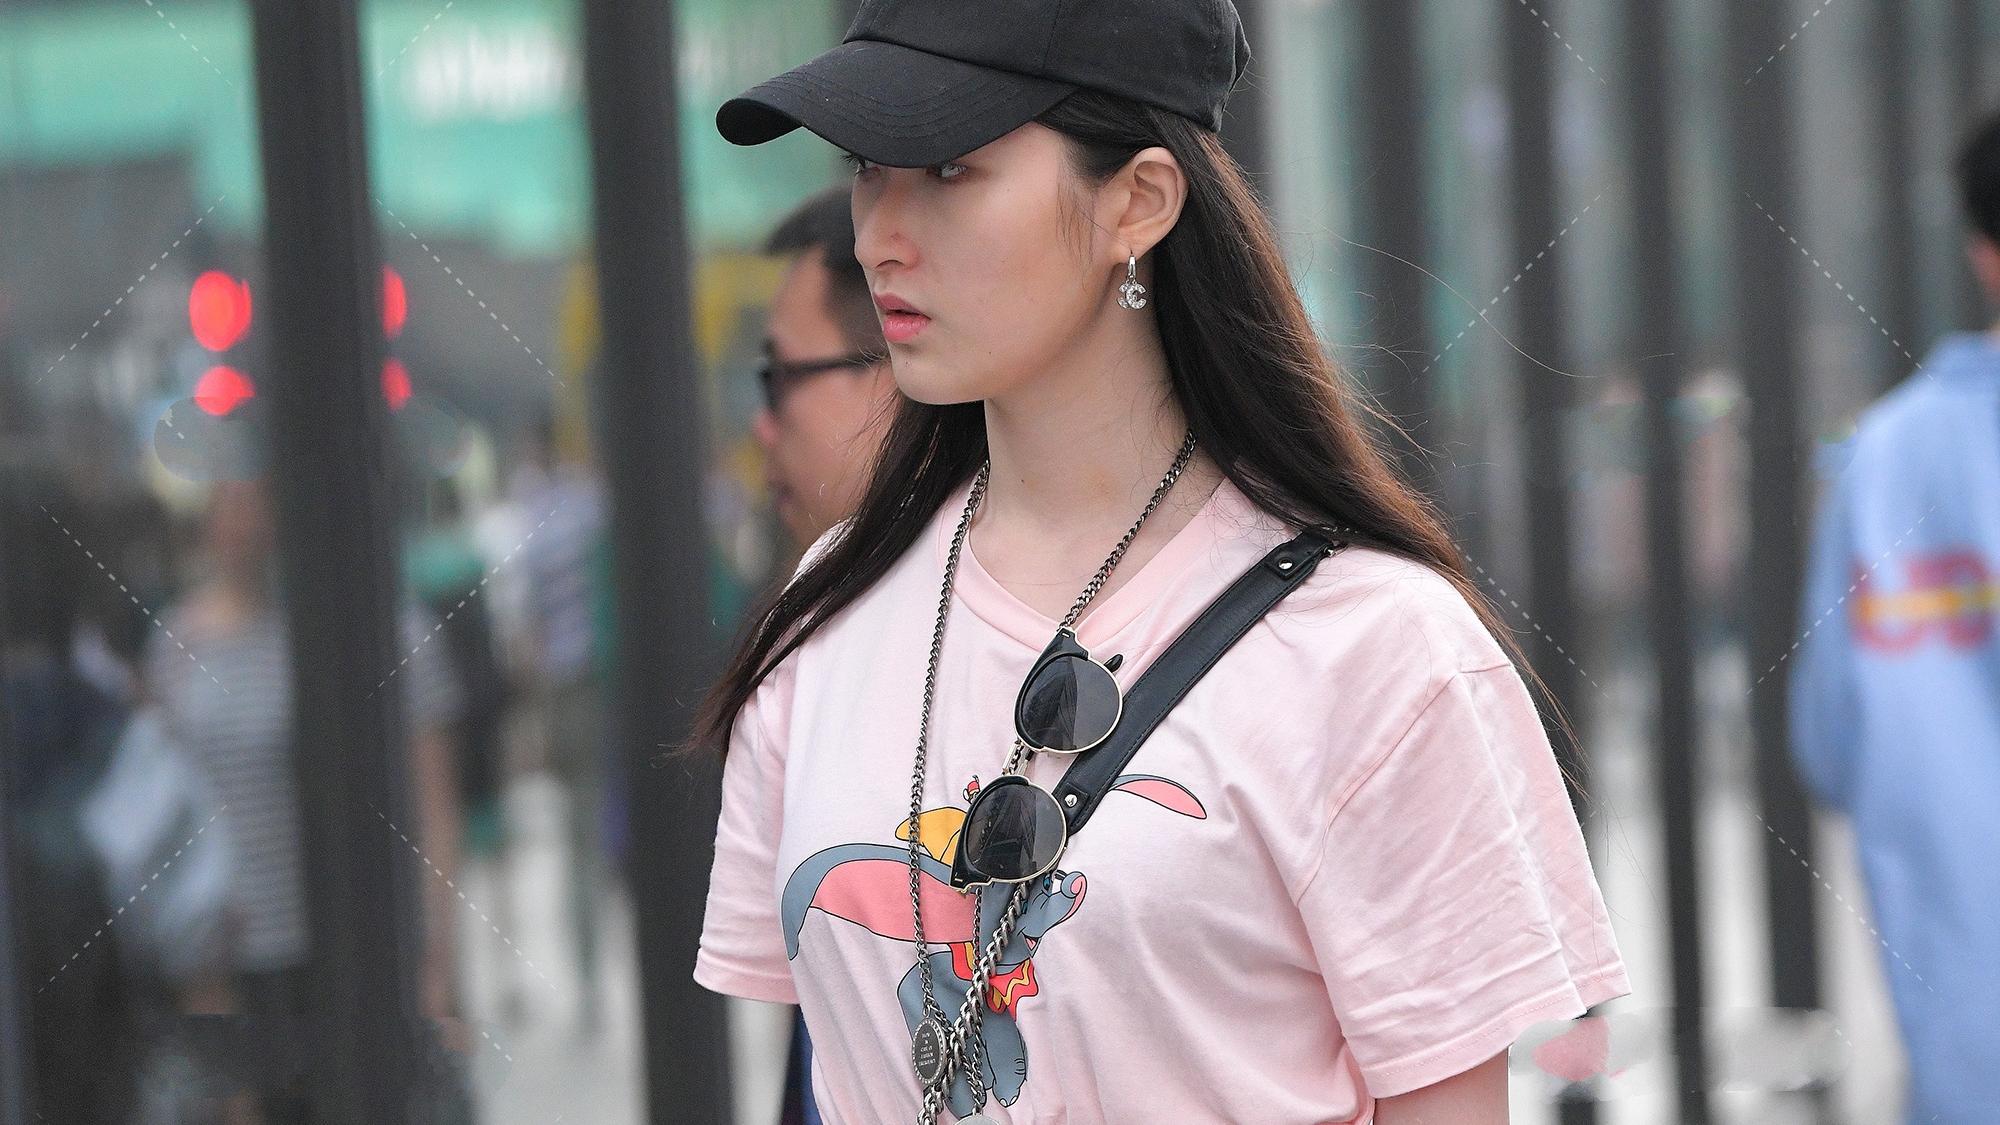 粉色小飞象T恤搭配灰色高腰裤,简约低调,时尚可爱少女装